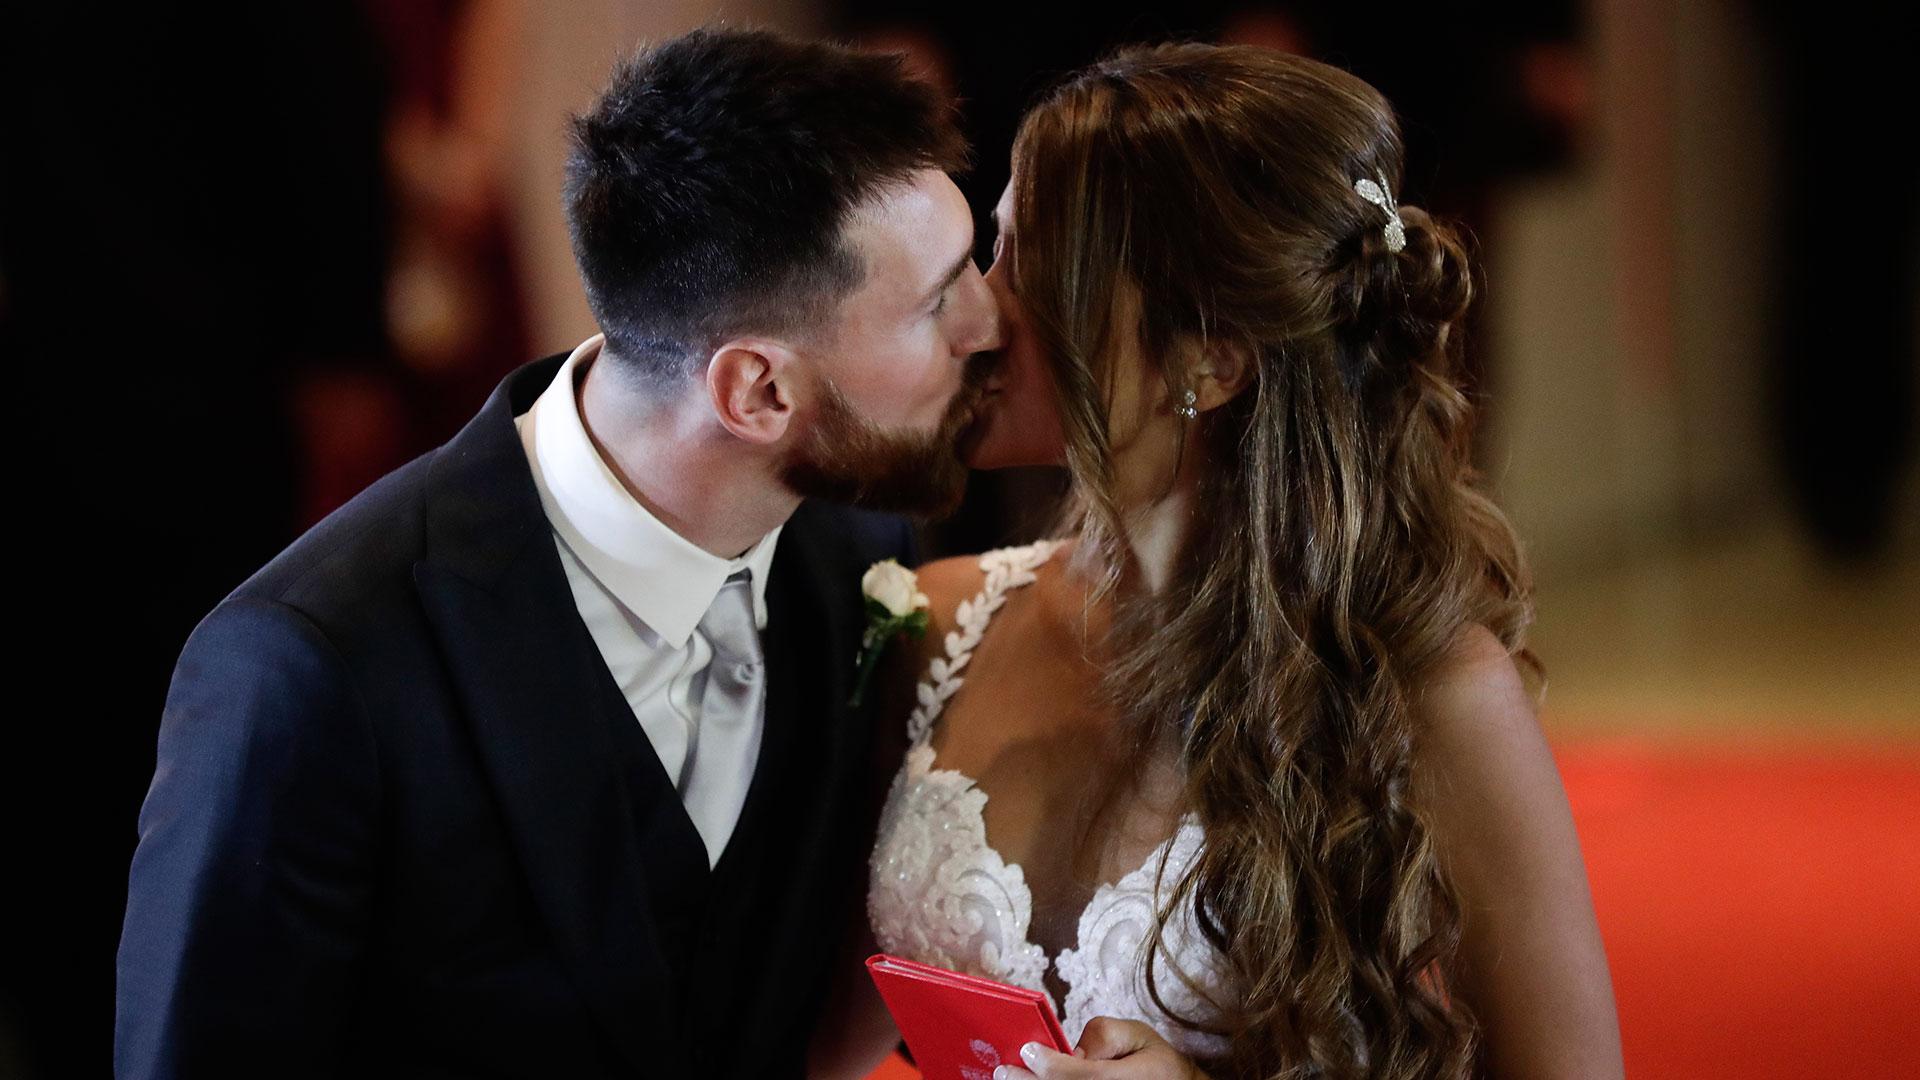 El beso de los enamorados, instantes después de casarse(AP)